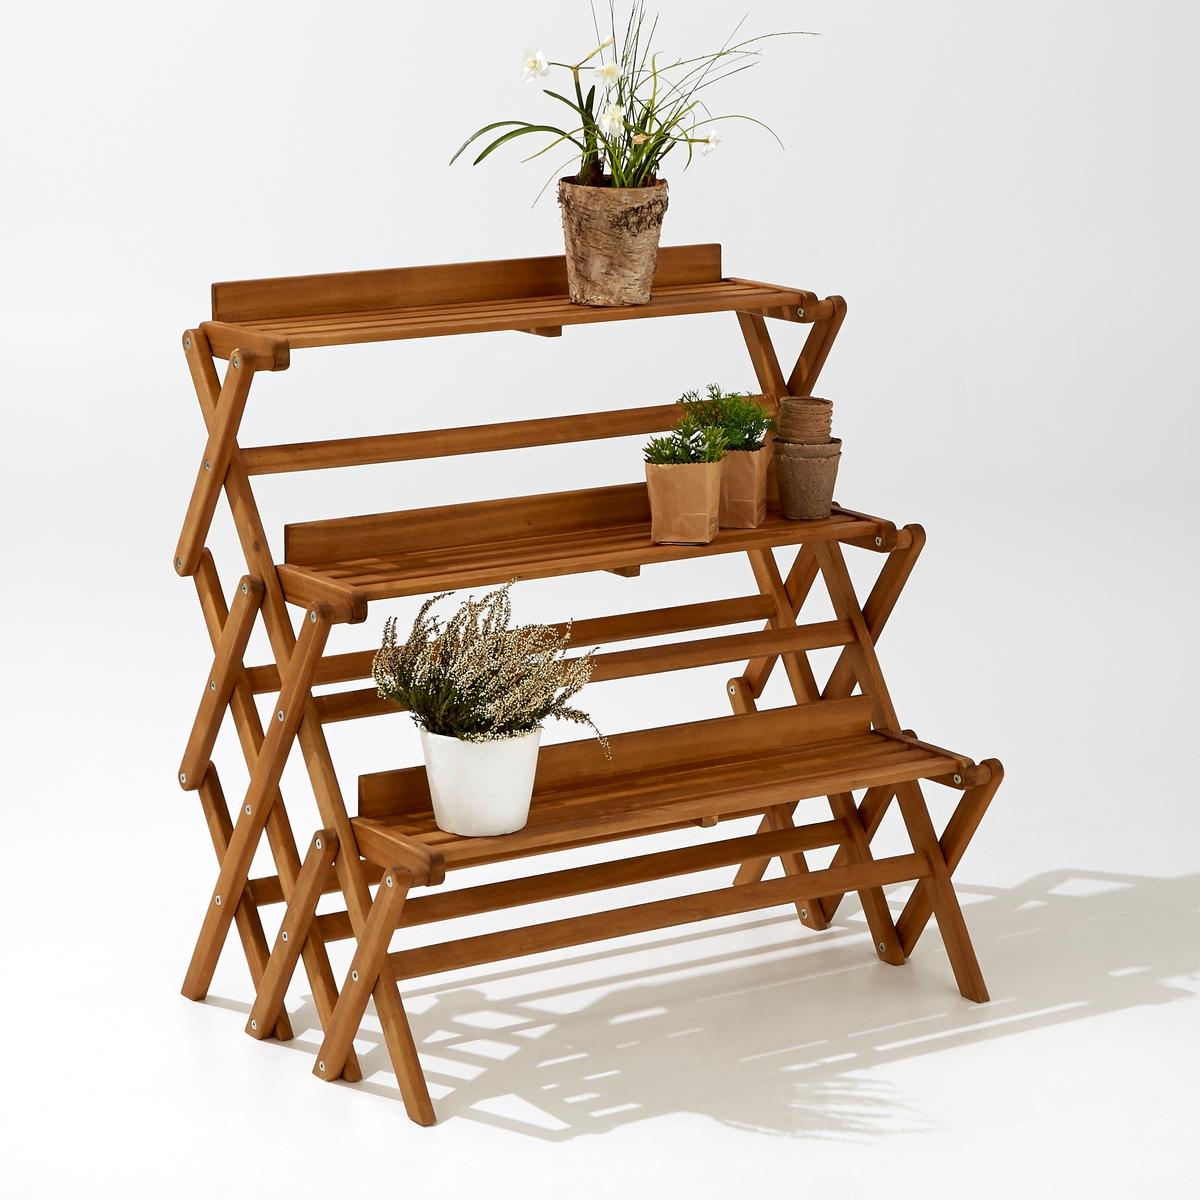 Этажерка садовая, 3-уровневая, складнаяСкладная 3-уровневая садовая этажеркаИдеальна для сада или террасы,  на этой небольшой этажерке поместятся комнатные растения и  декоративные элементы. Очень практичная, складная, легко разбирается и собирается .                      Характеристики :           Этажерка 3-уровневая     Складная Акация, цвет тикового дерева            Общие размеры :           Ширина 80 x длина  53 x высота 83 смРазмеры:Ширина 78,5 смДлина  16,6 смКачество:Акация - это дерево с отличными механическими качествами, такими как долговечность (отличная устойчивость к воздействию насекомых и грибков)и стойкость к переменам погоды(чередование засушливых и влажных периодов).Размеры и вес упаковки :           1 упаковкаШир.97 xВыс. 16 xГл. 83 см, 8,5 кг<br><br>Цвет: акация